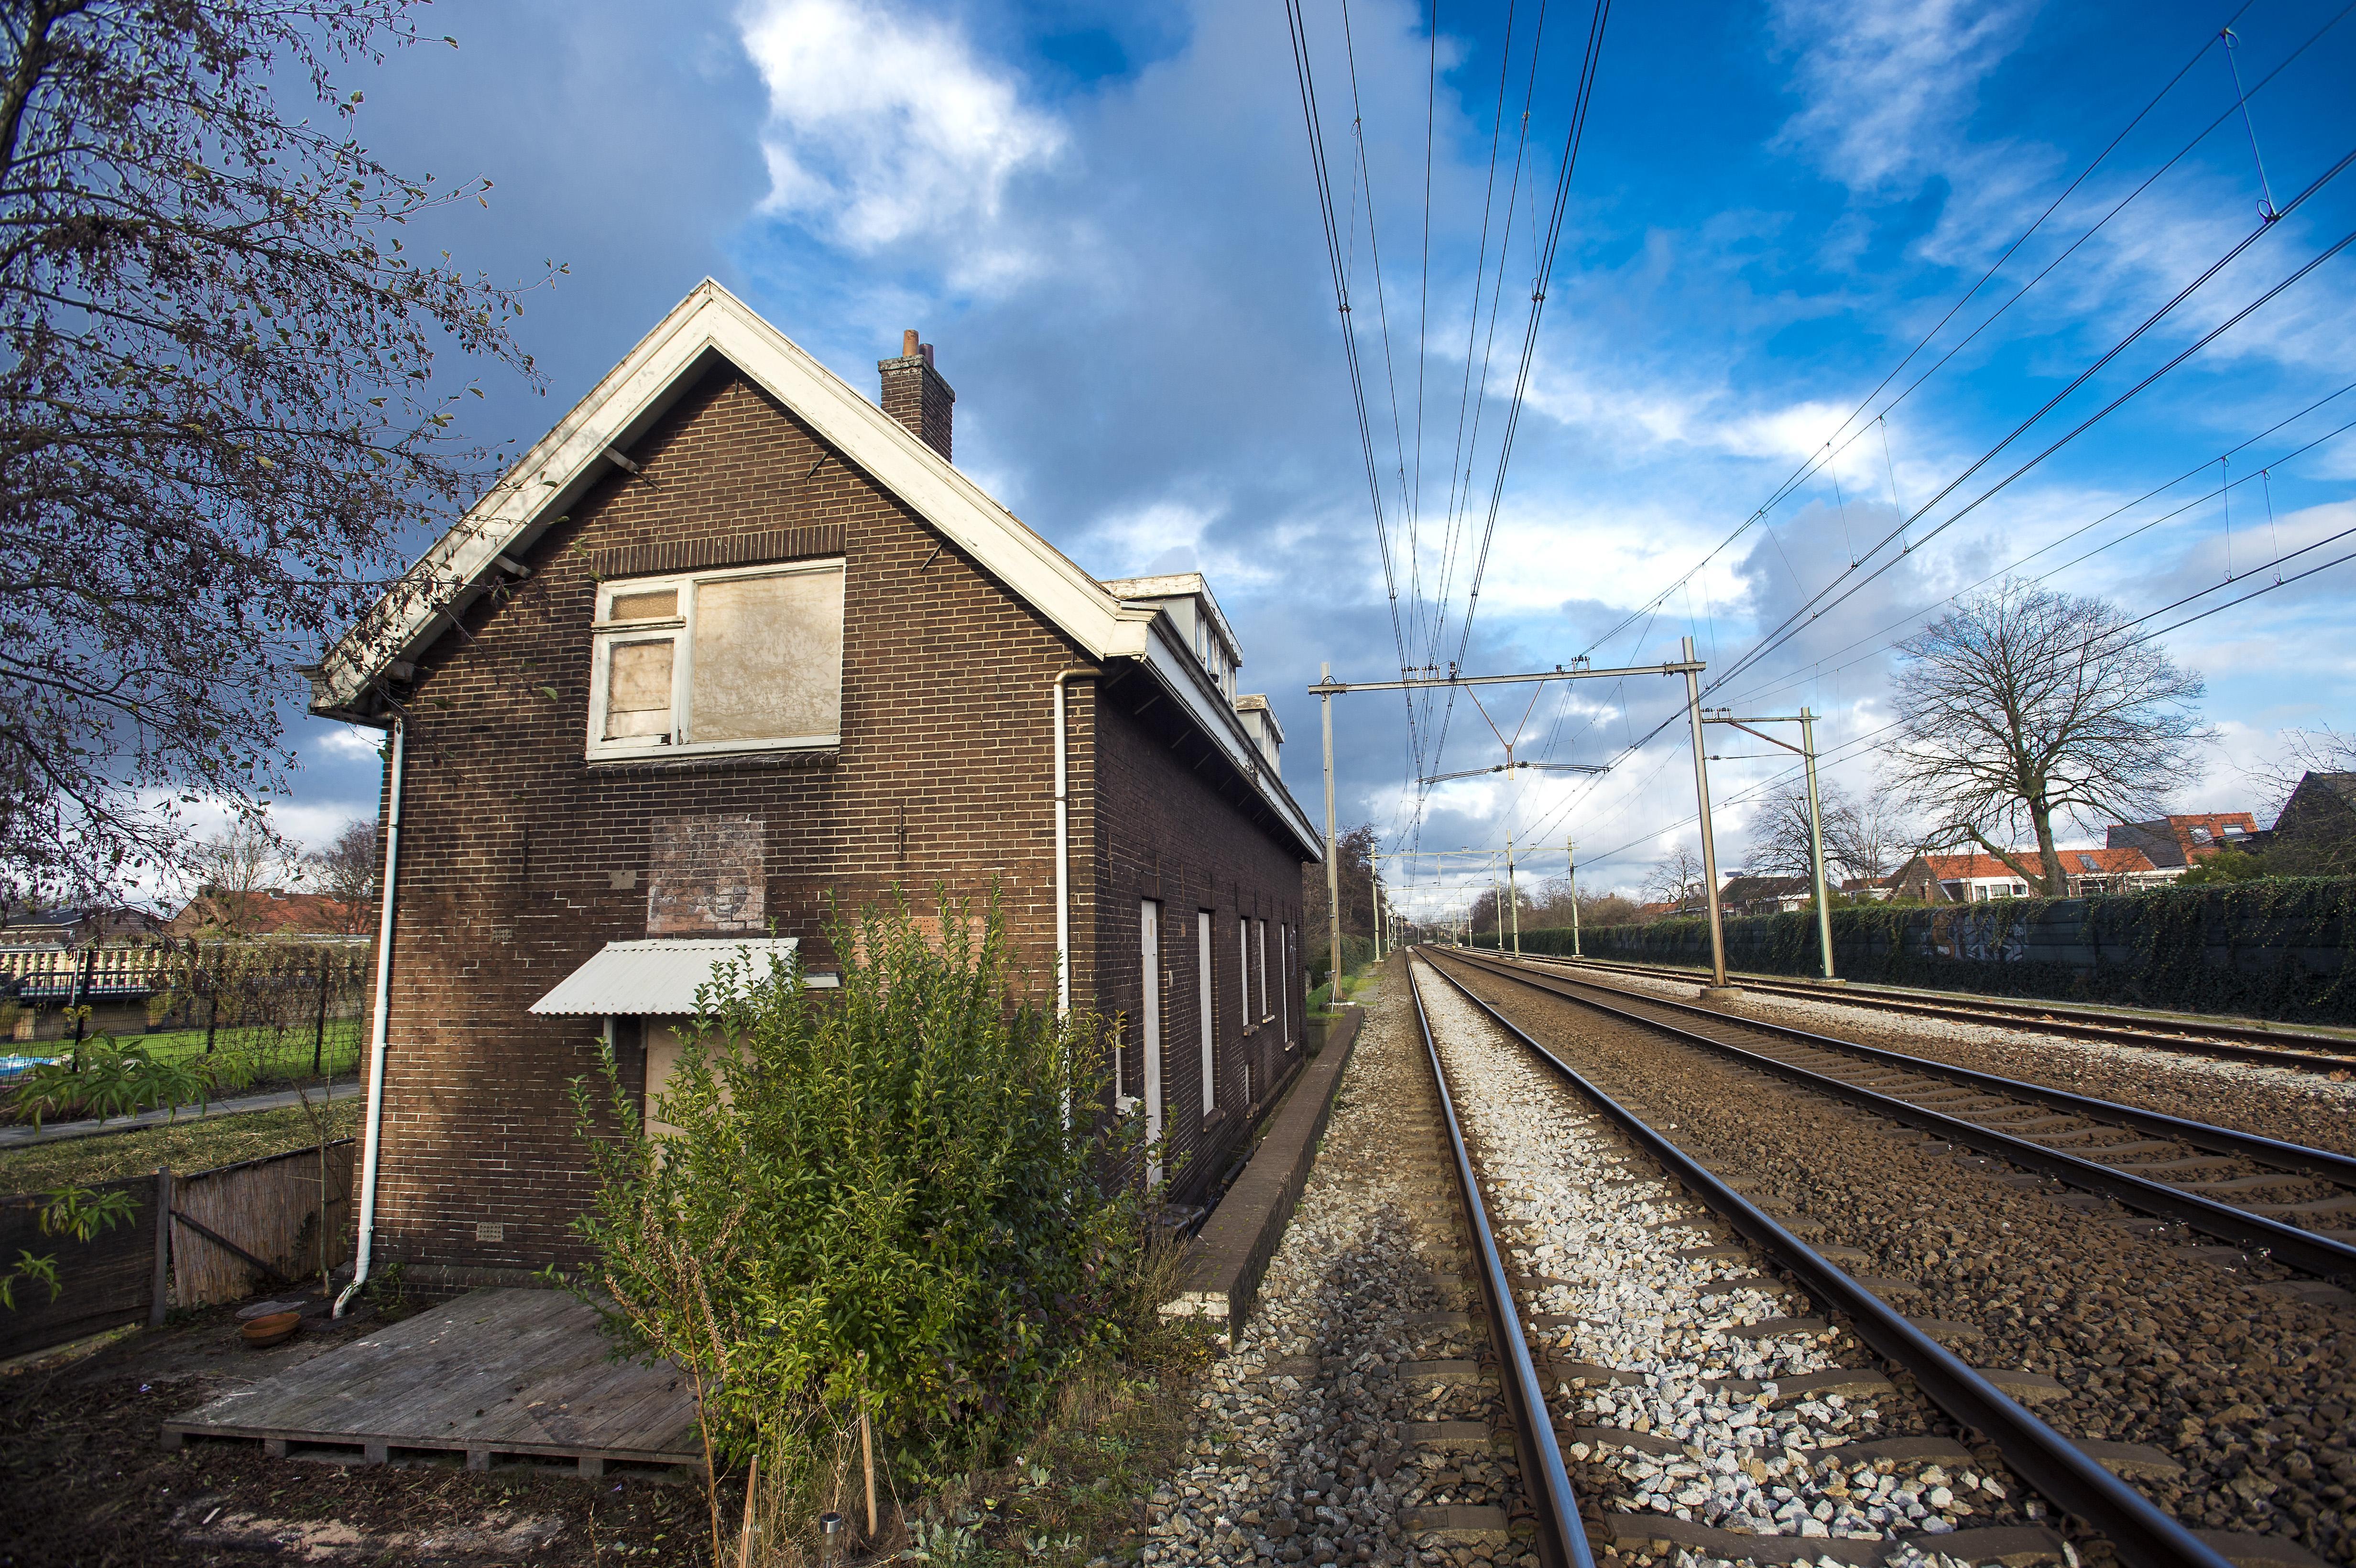 Blijdschap bij buurtcomité: oude spoorwachterswoningen Leidsebuurt gered van sloopdrift ProRail. Fraai stukje vroege spoorweggeschiedenis blijft overeind